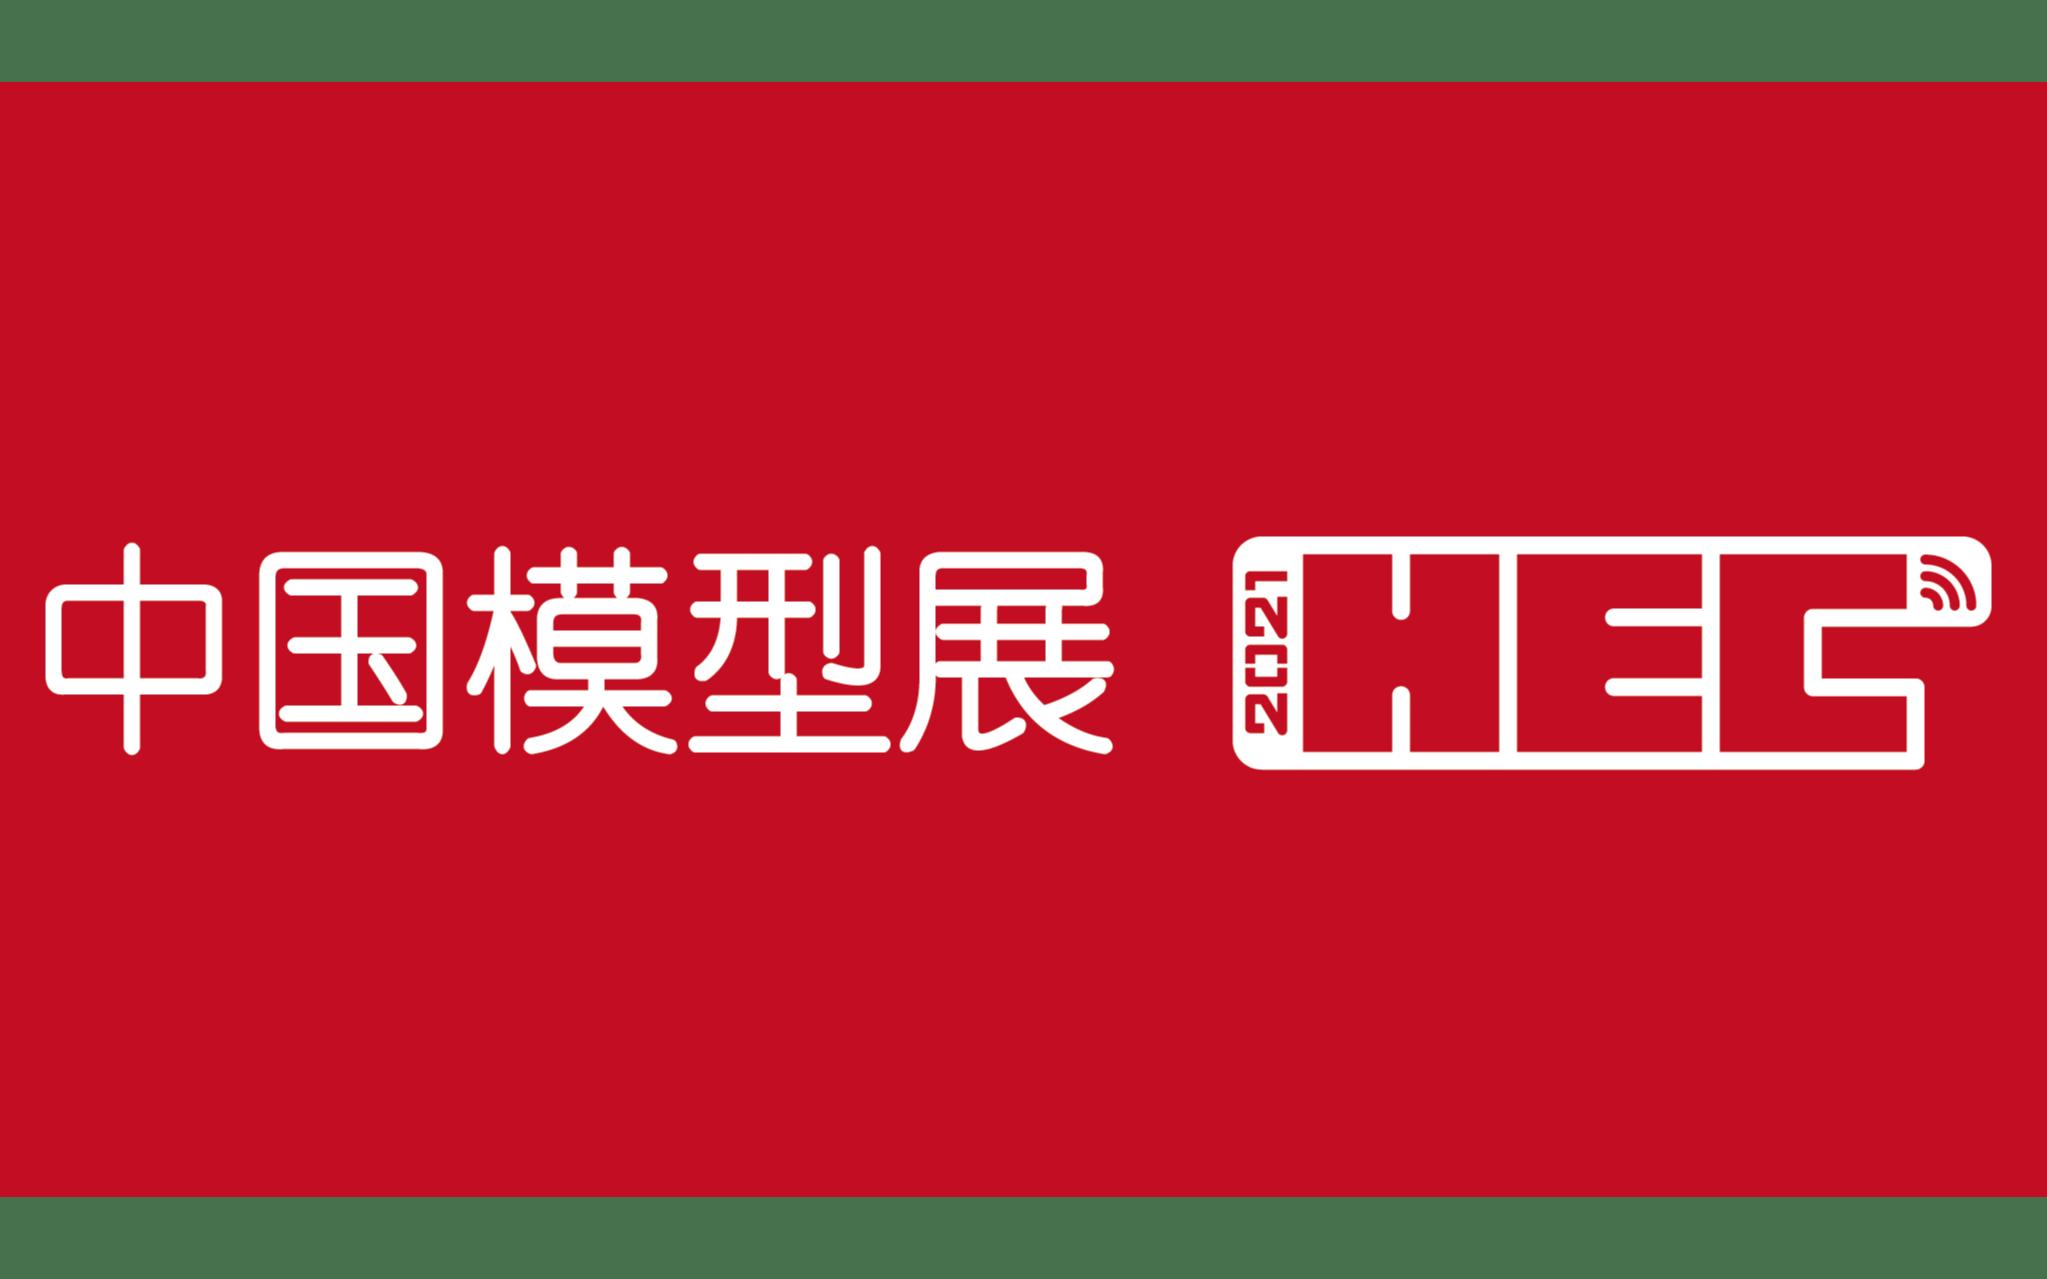 2021年第21届中国国际模型博览会